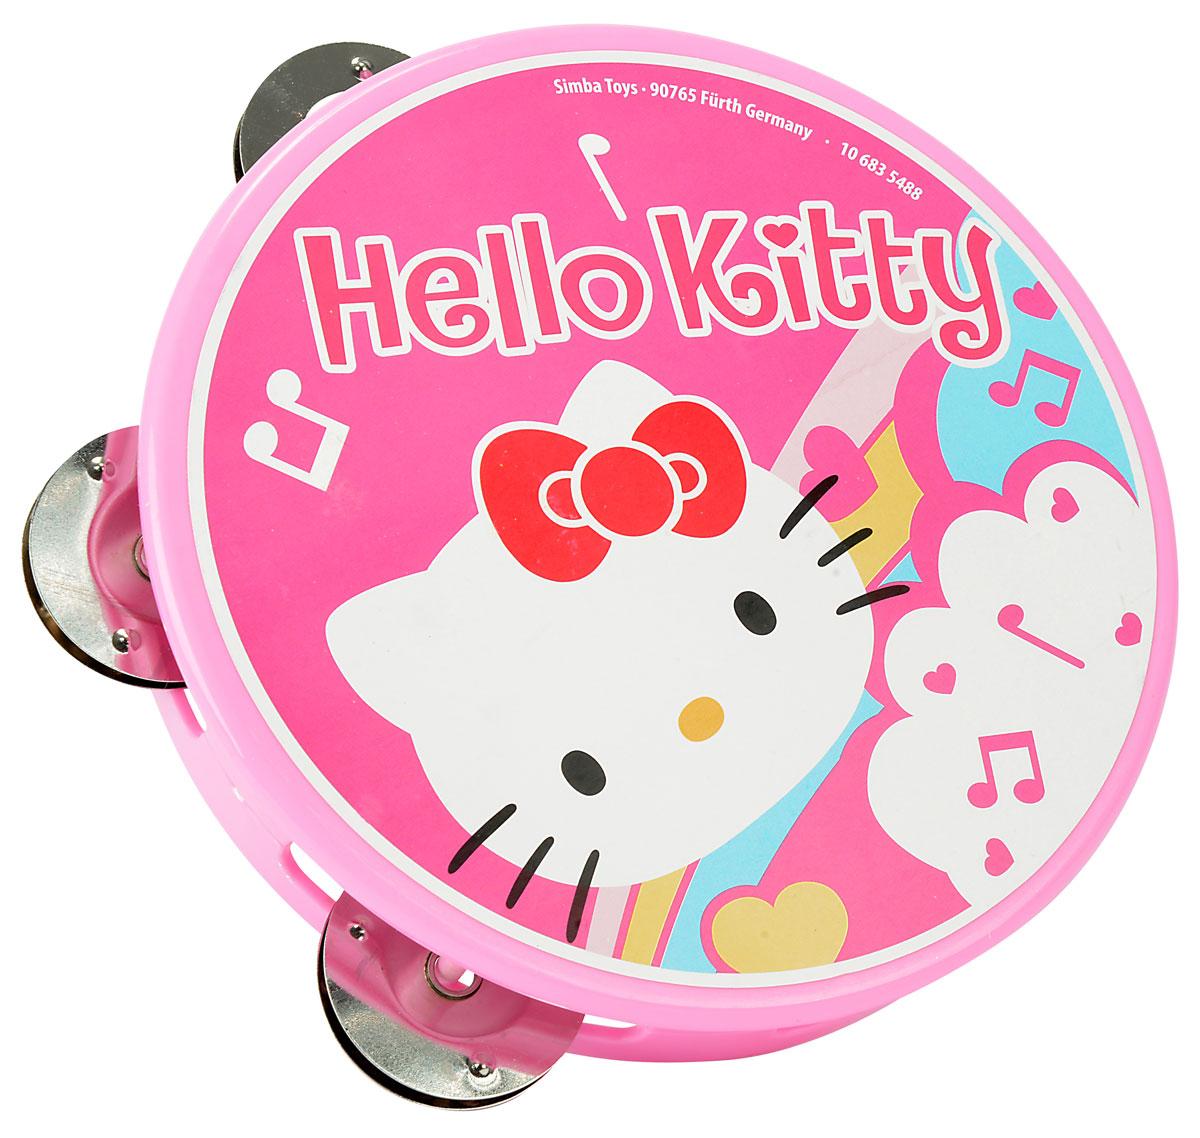 Simba Тамбурин Hello Kitty6835488Тамбурин Simba Hello Kitty привлечет внимание малыша и позволит ему создать незабываемый концерт и удивить друзей и близких. Выполнена игрушка из прочного и безопасного материала с изображением милой кошечки Китти. При ударе в тамбурин четыре пары металлических тарелочек издают приятный мелодичный звук. Игра с тамбурином поможет развить звуковое восприятие, слух, моторику рук, хватательные рефлексы и воображение, а также весело провести время.